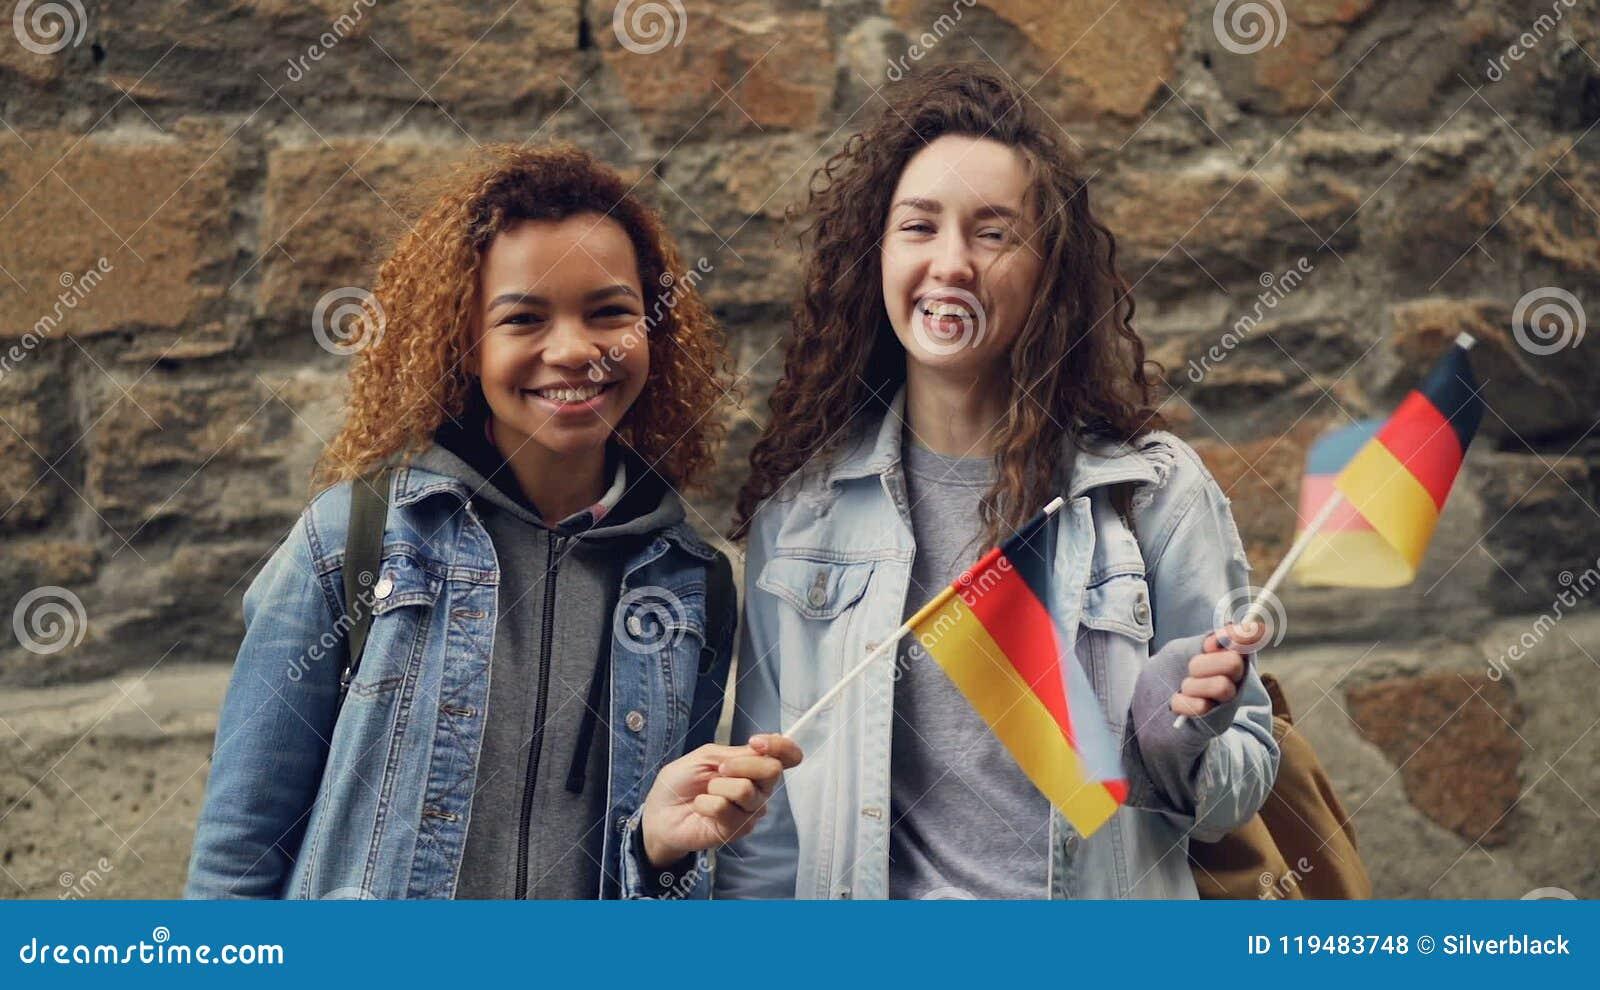 German girl for friendship